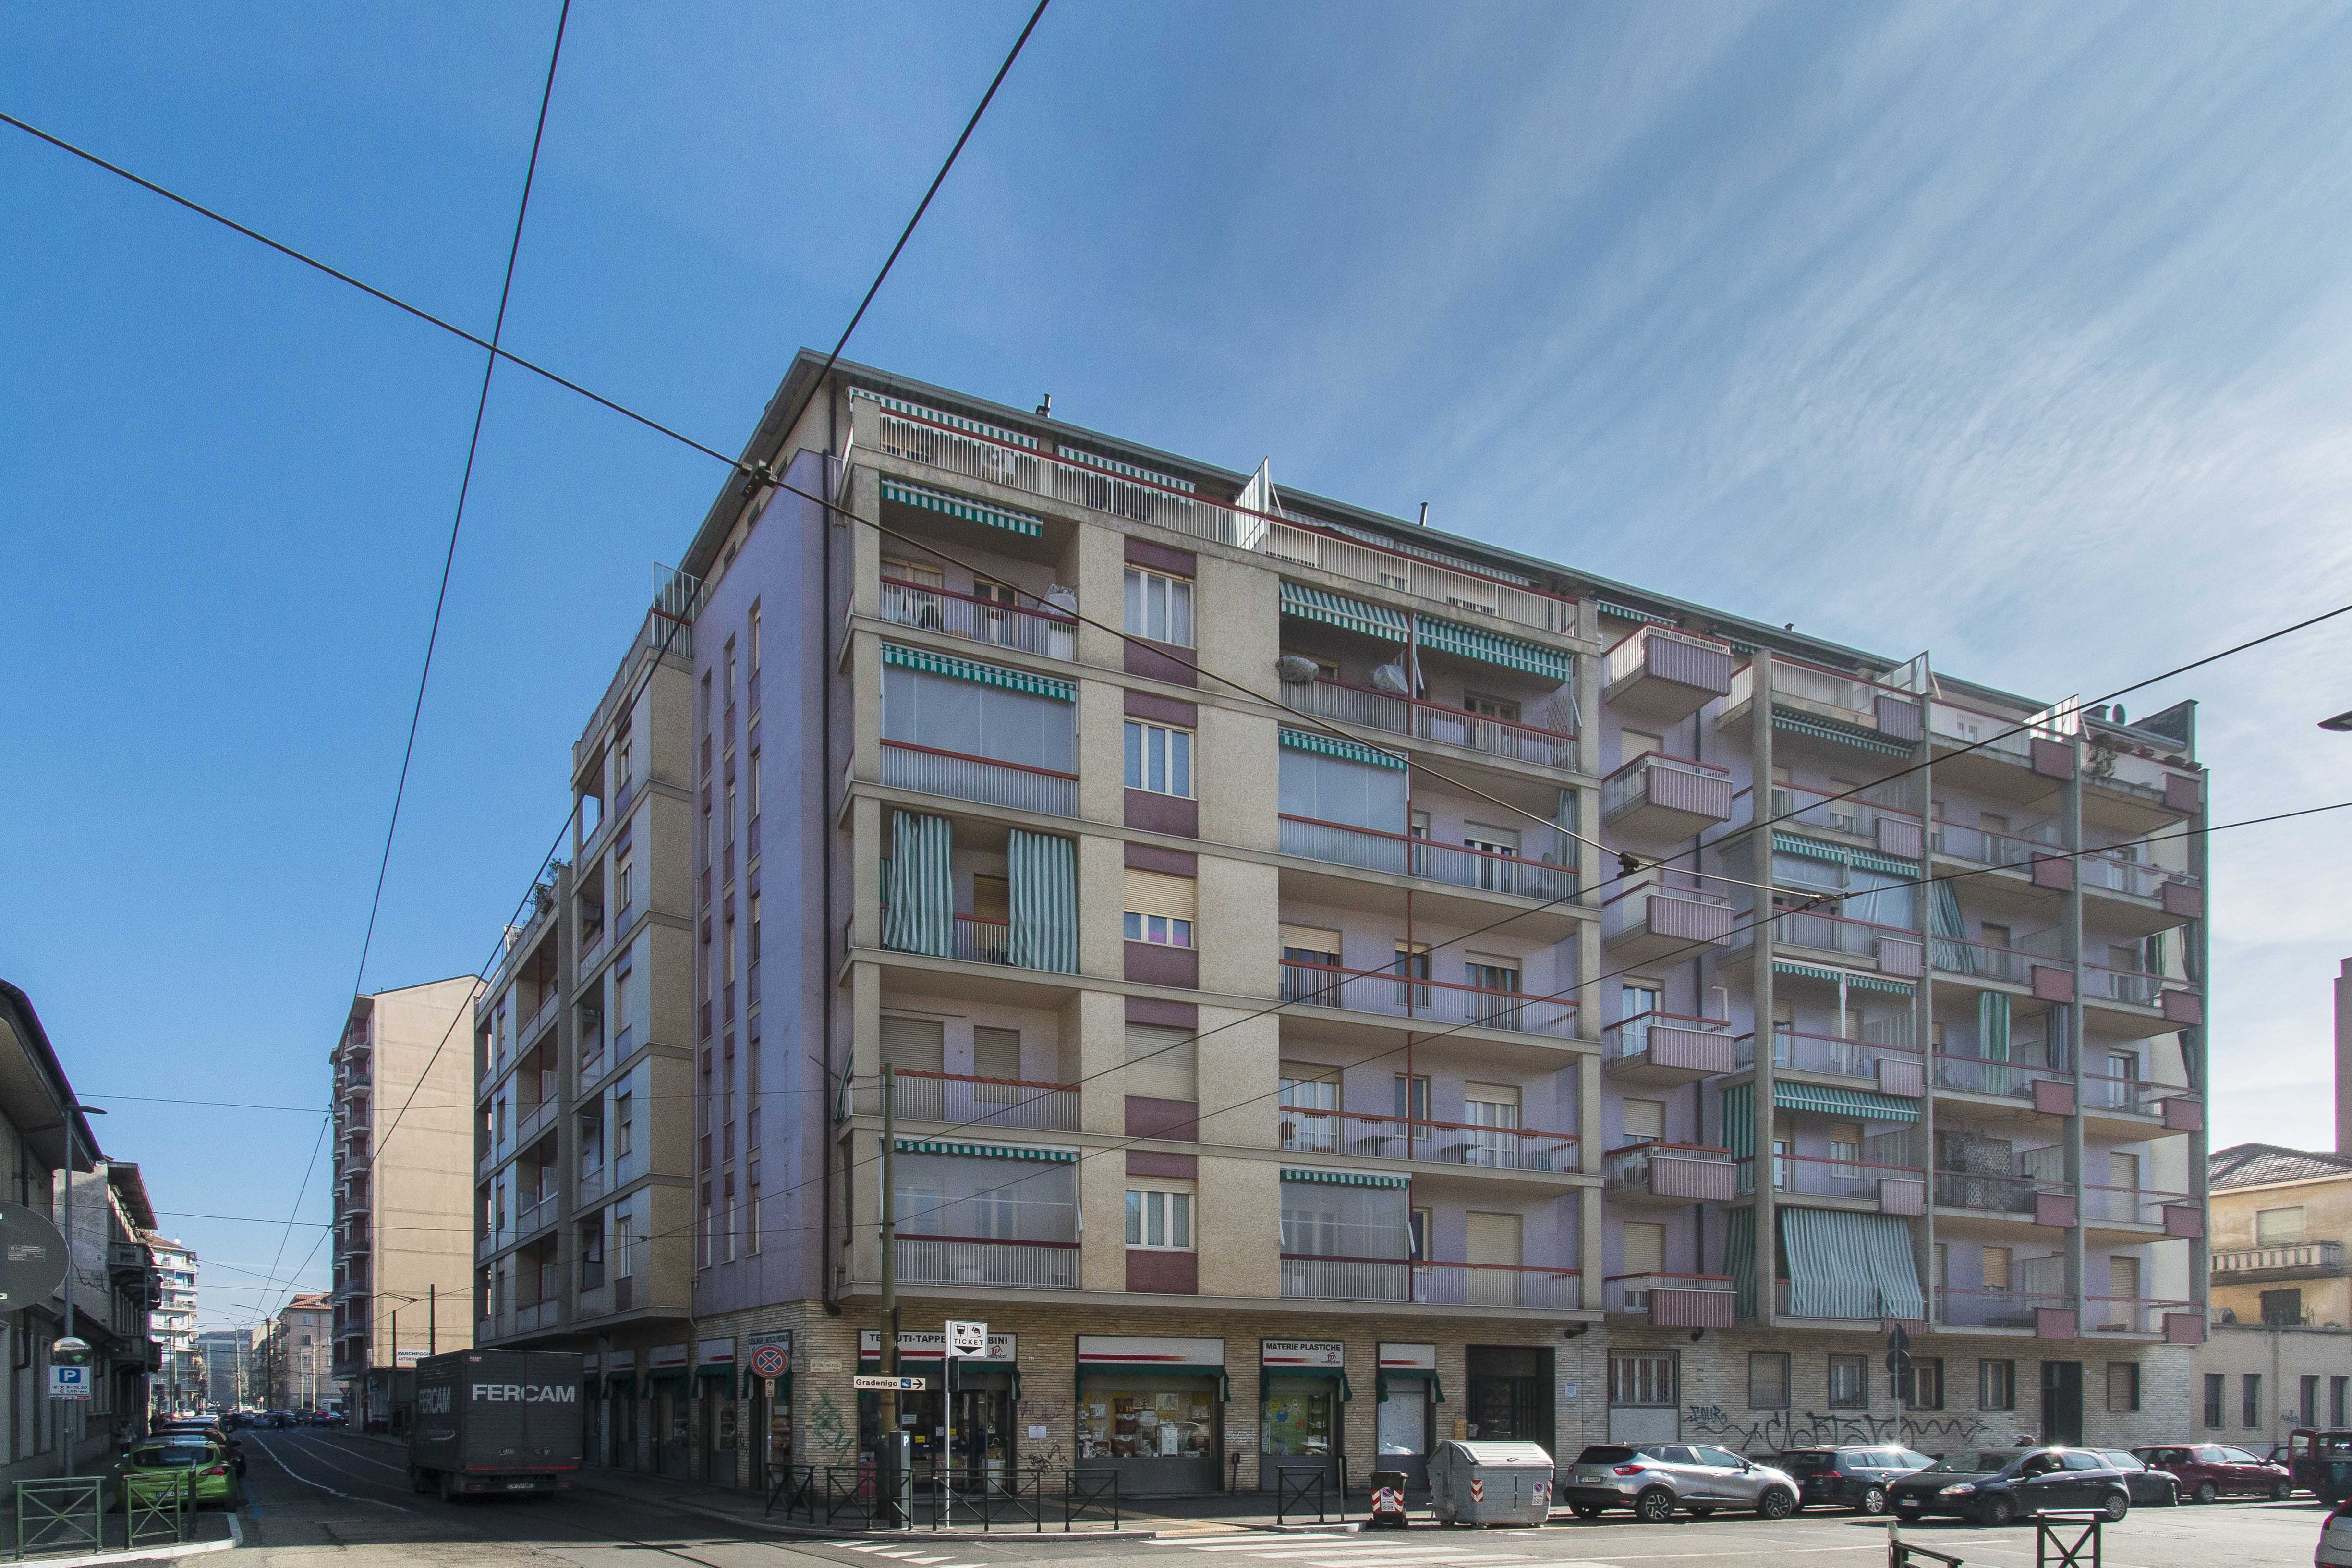 vendita appartamento torino vanchiglietta VIA RICASOLI 26 58000 euro  1 locali  50 mq